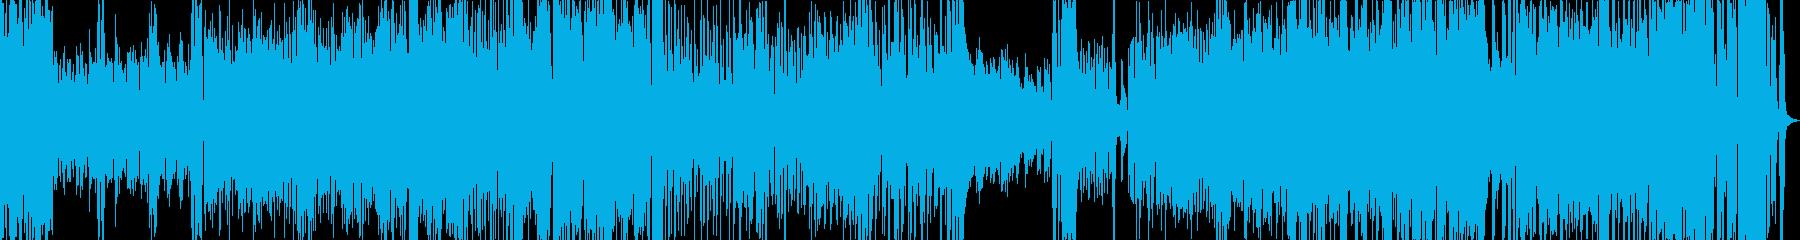 キャバレー風の小編成ビッグバンドジャズの再生済みの波形